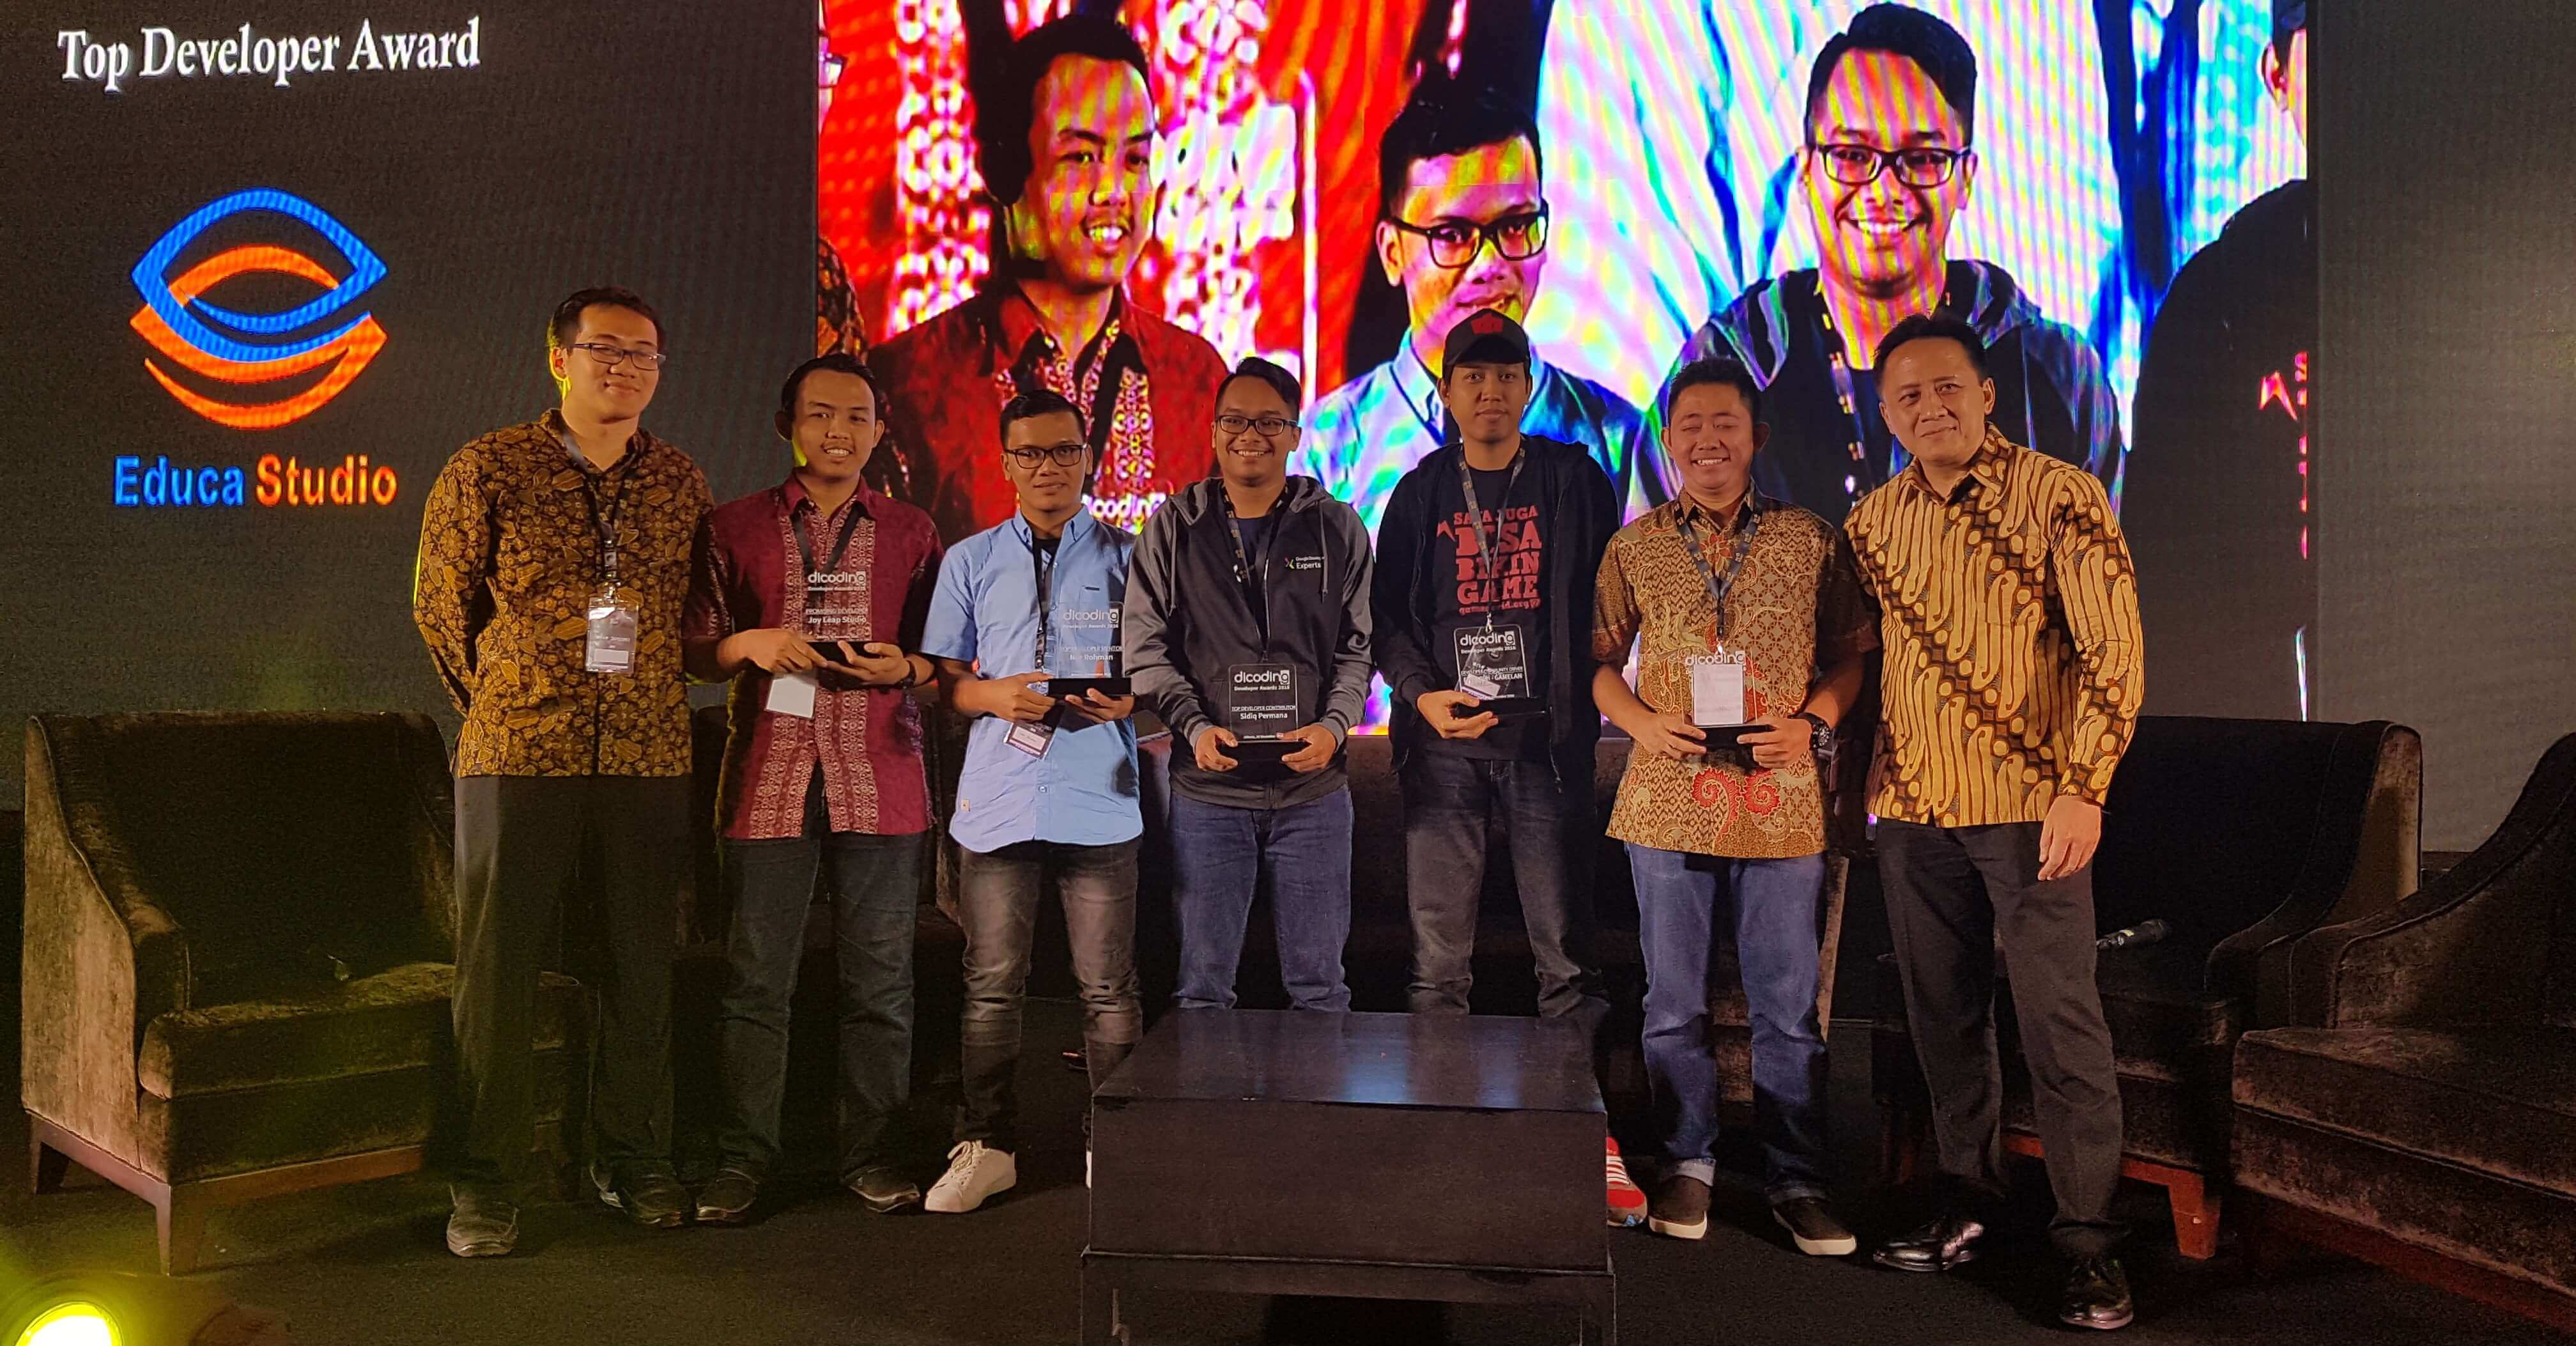 Dicoding Developer Awards 2016